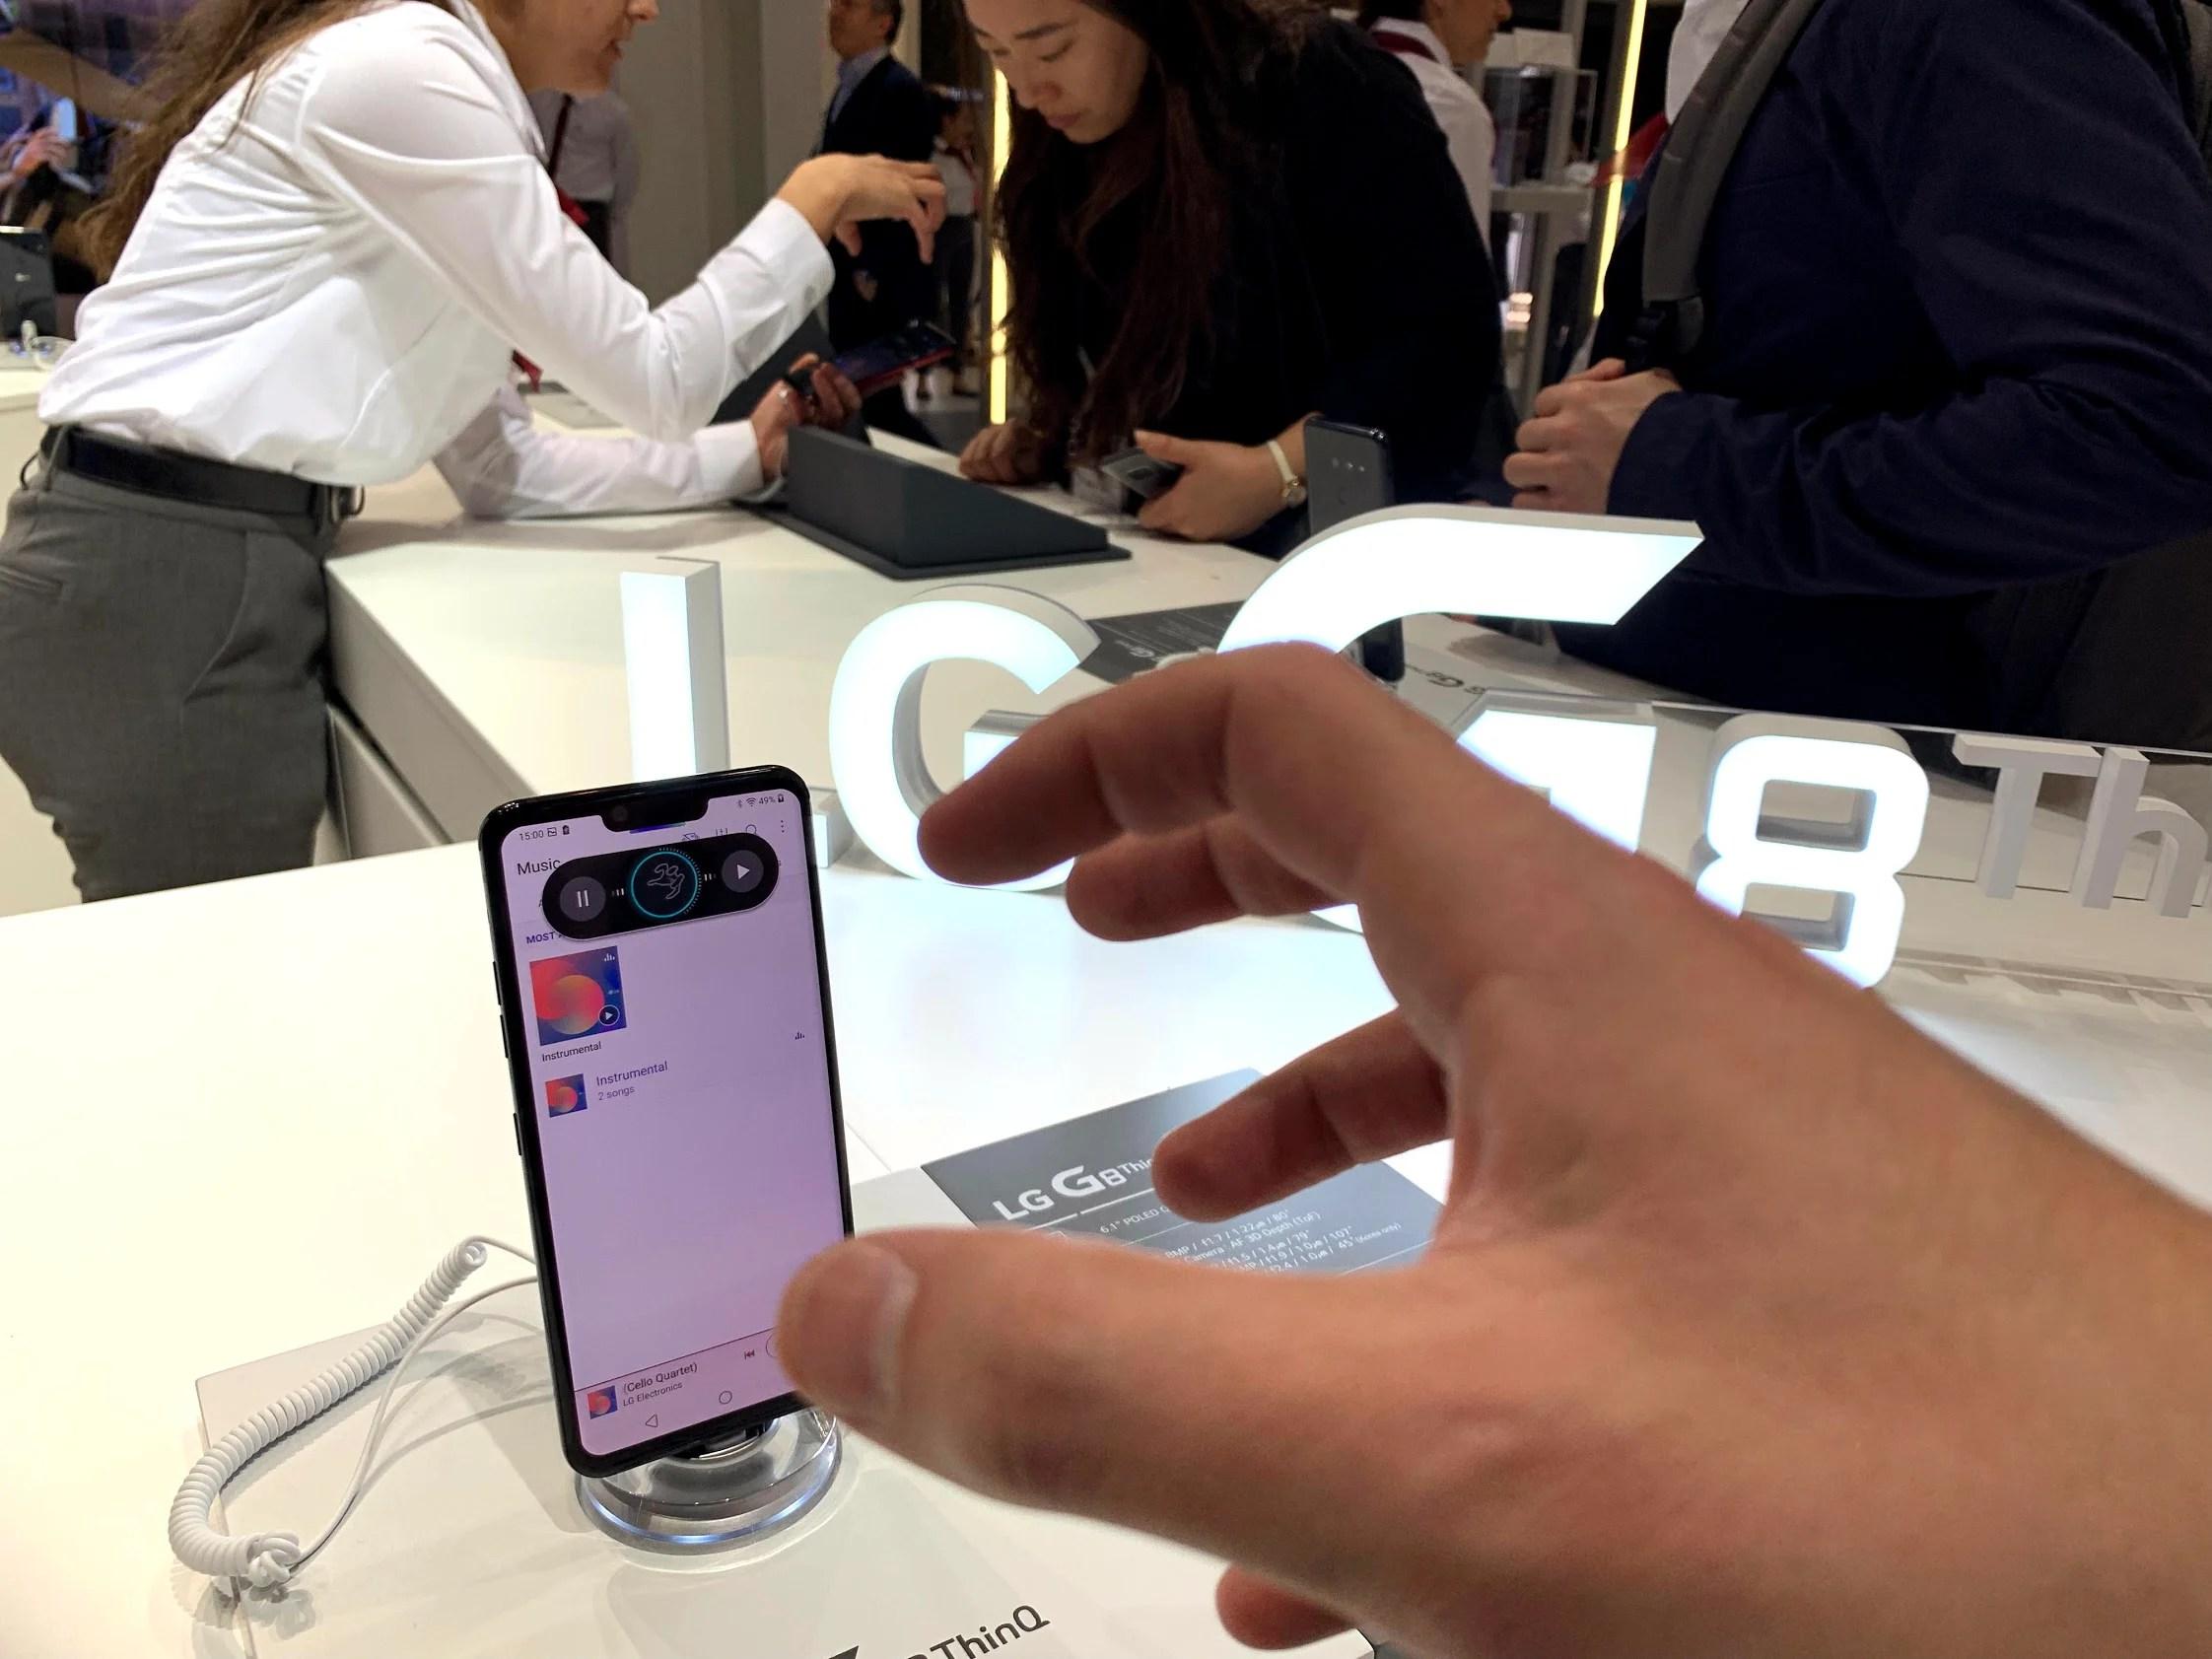 LG G8 ThinQ : j'ai essayé la reconnaissance de mains au MWC 2019, et c'est pas super au point